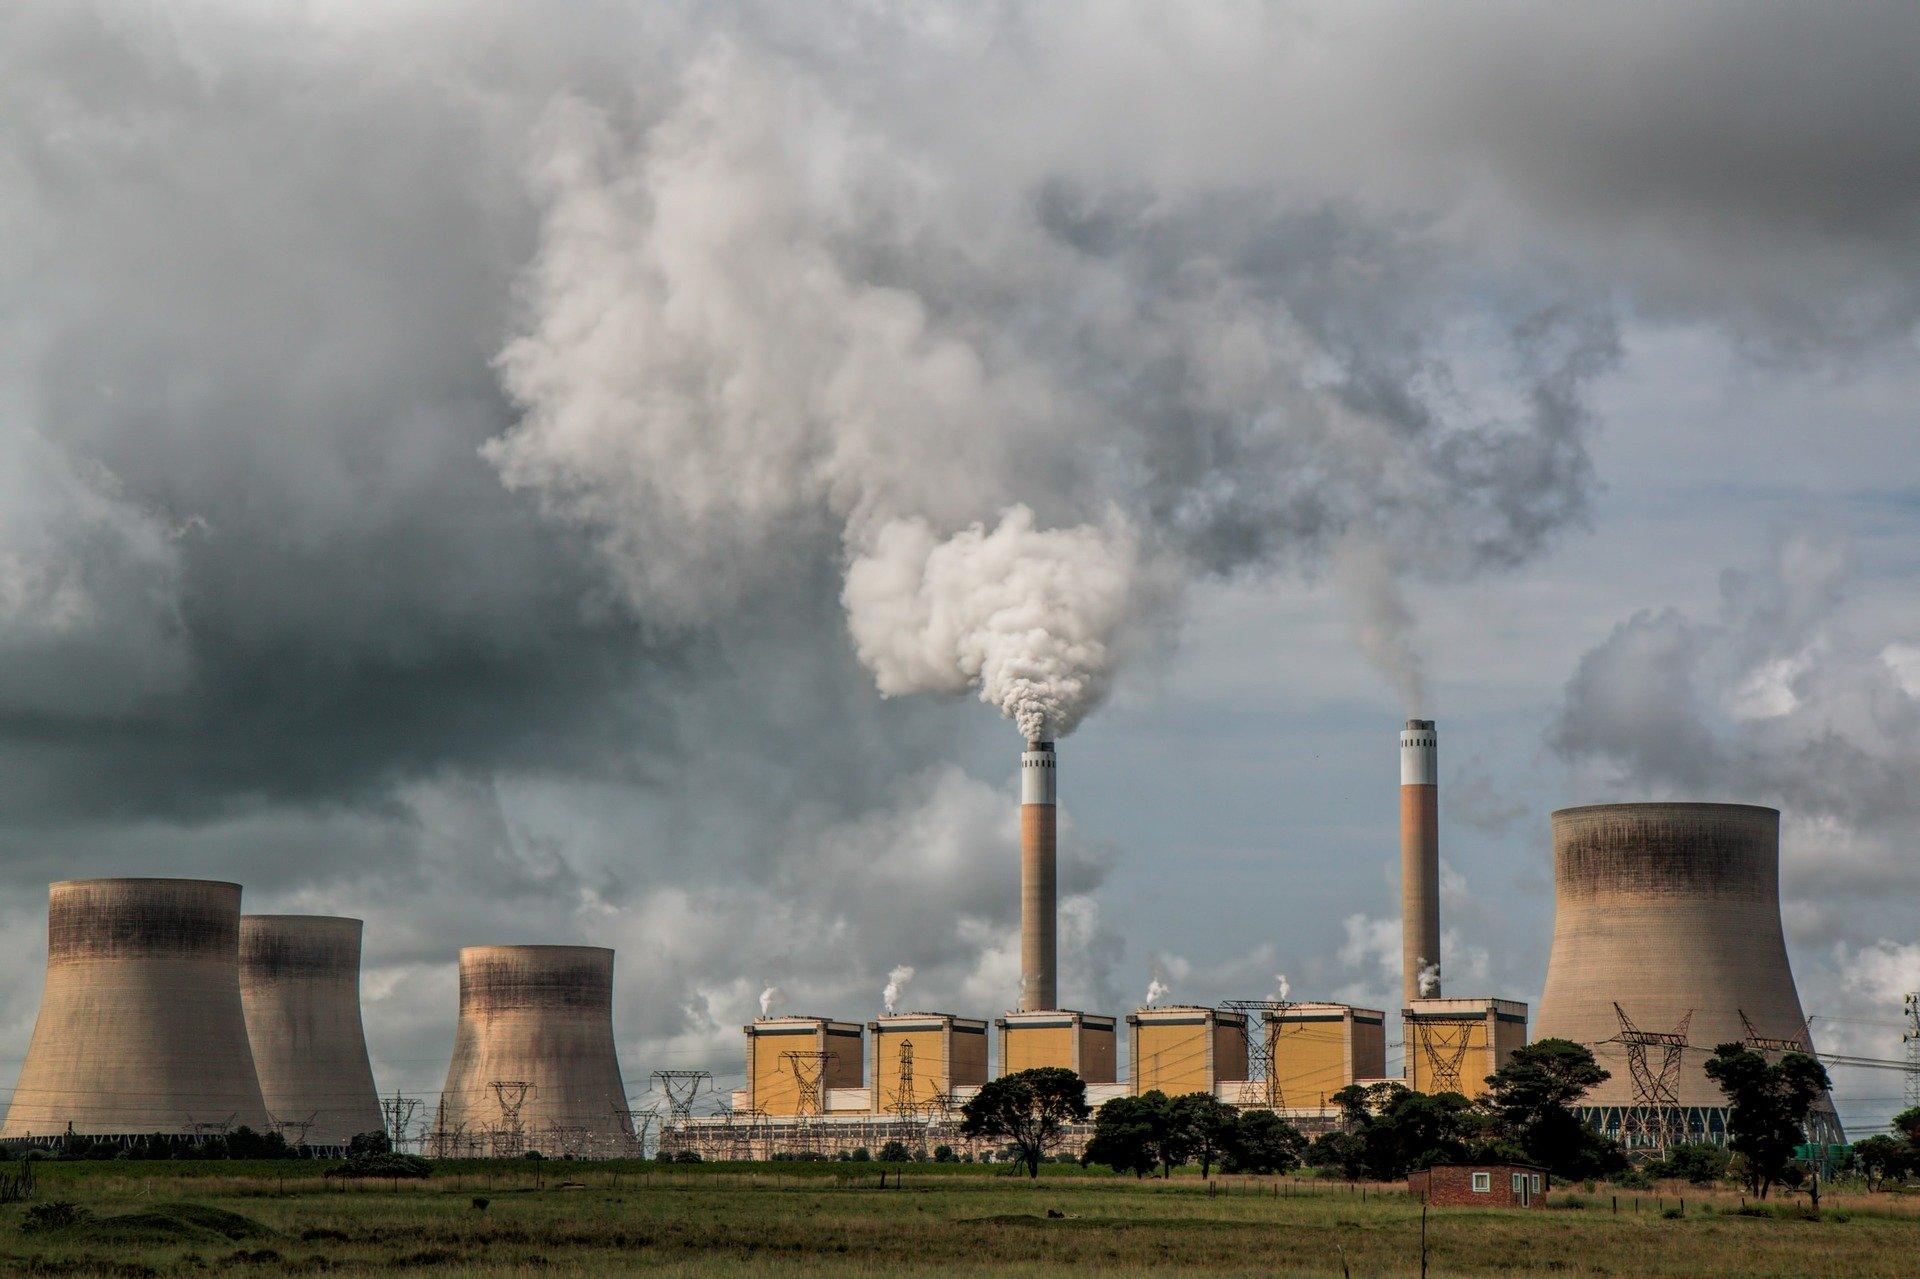 Artikel: Erderwärmung folgt dramatischstem Szenario